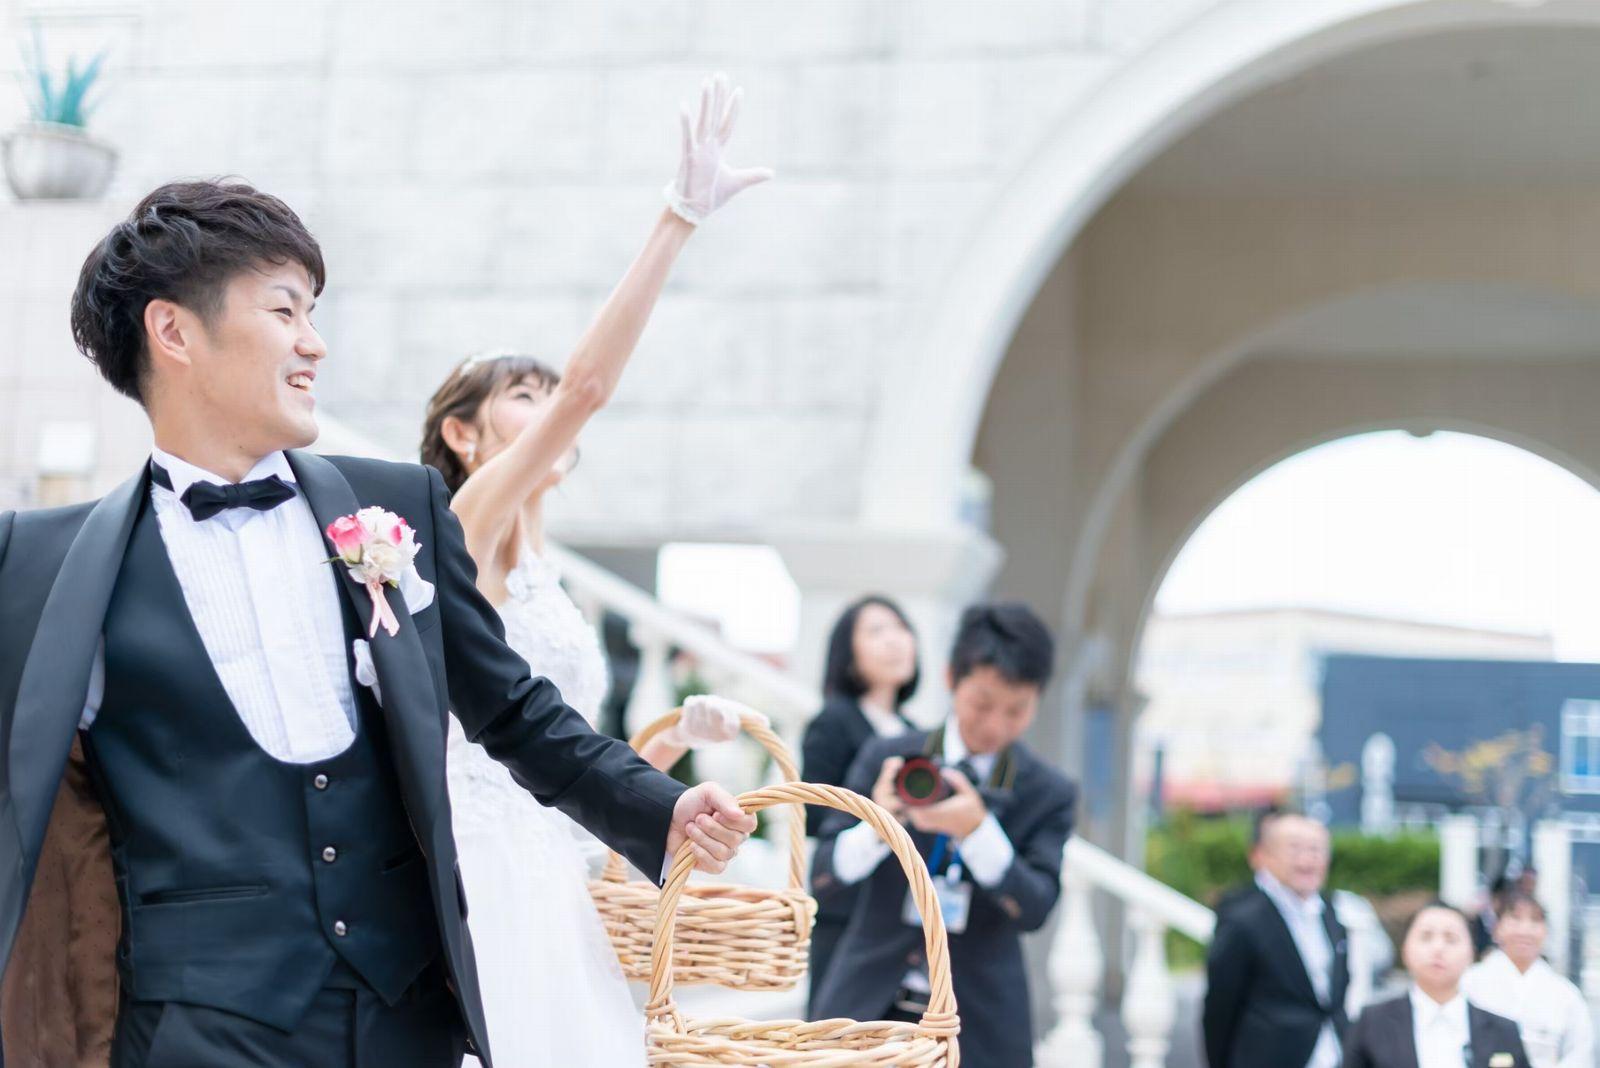 香川県の結婚式場シェルエメール&アイスタイル ガチャガチャトス